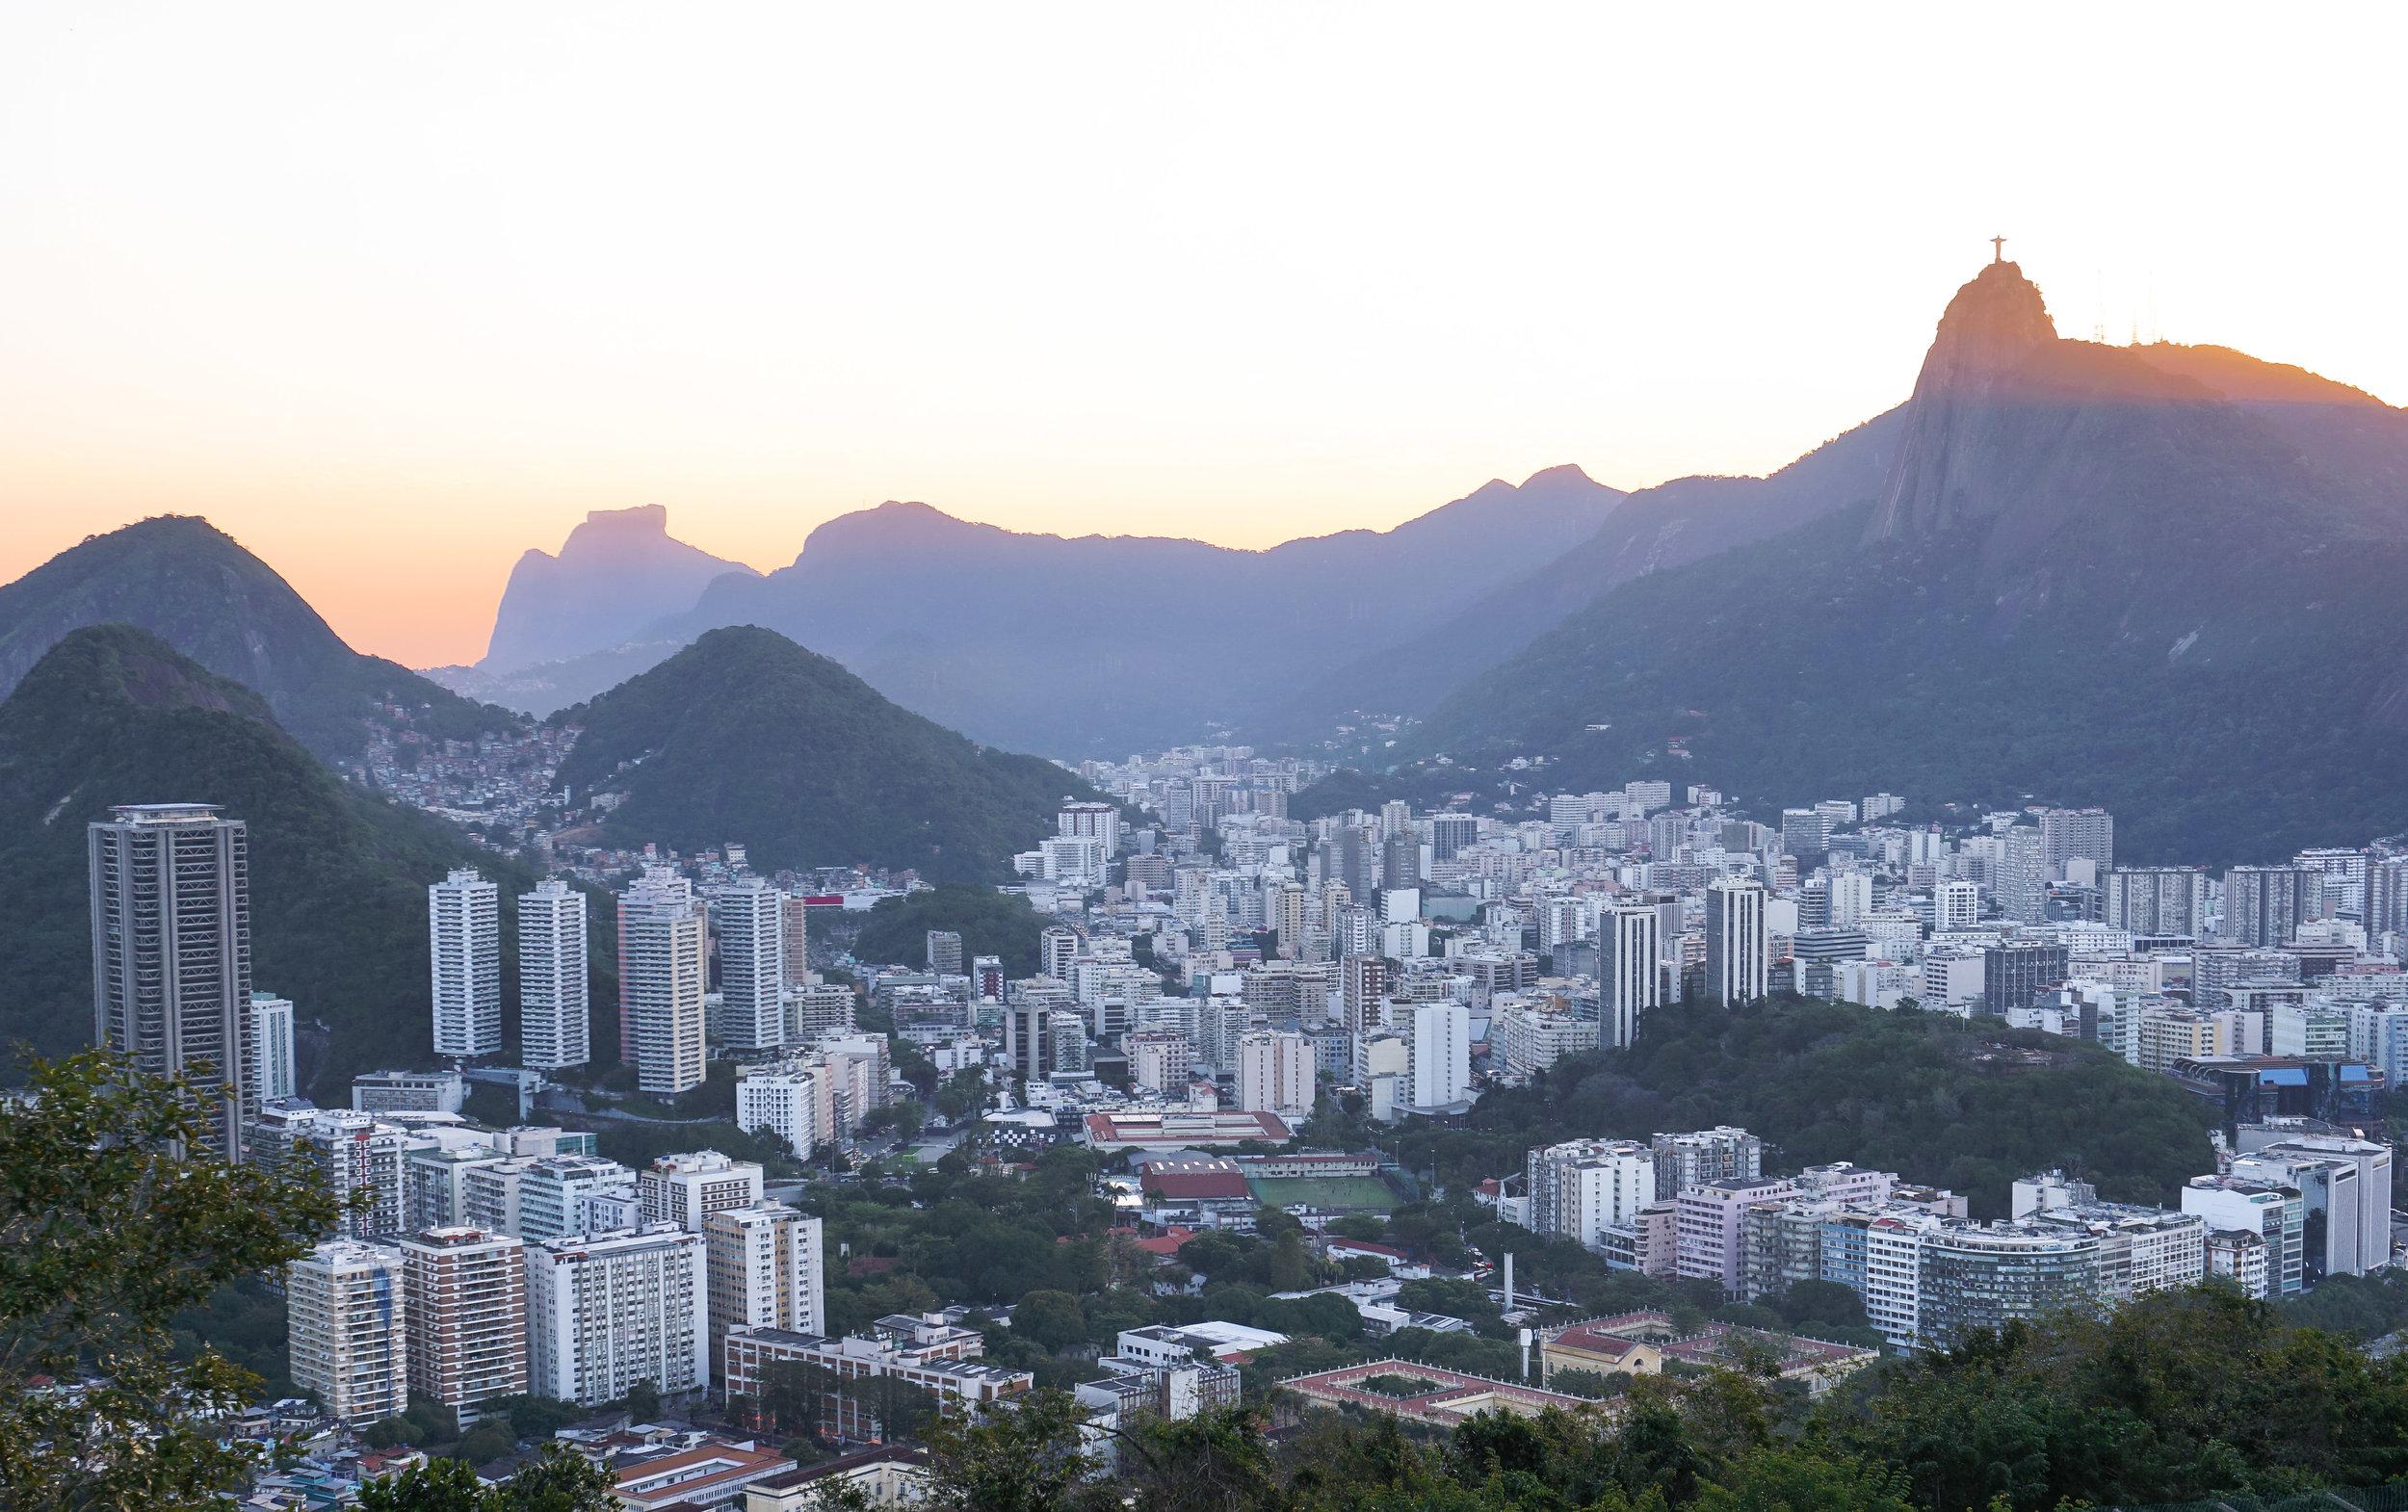 curio.trips.brazil.rio.de.janeiro.sugar.loaf.christ.view.landscape.jpg